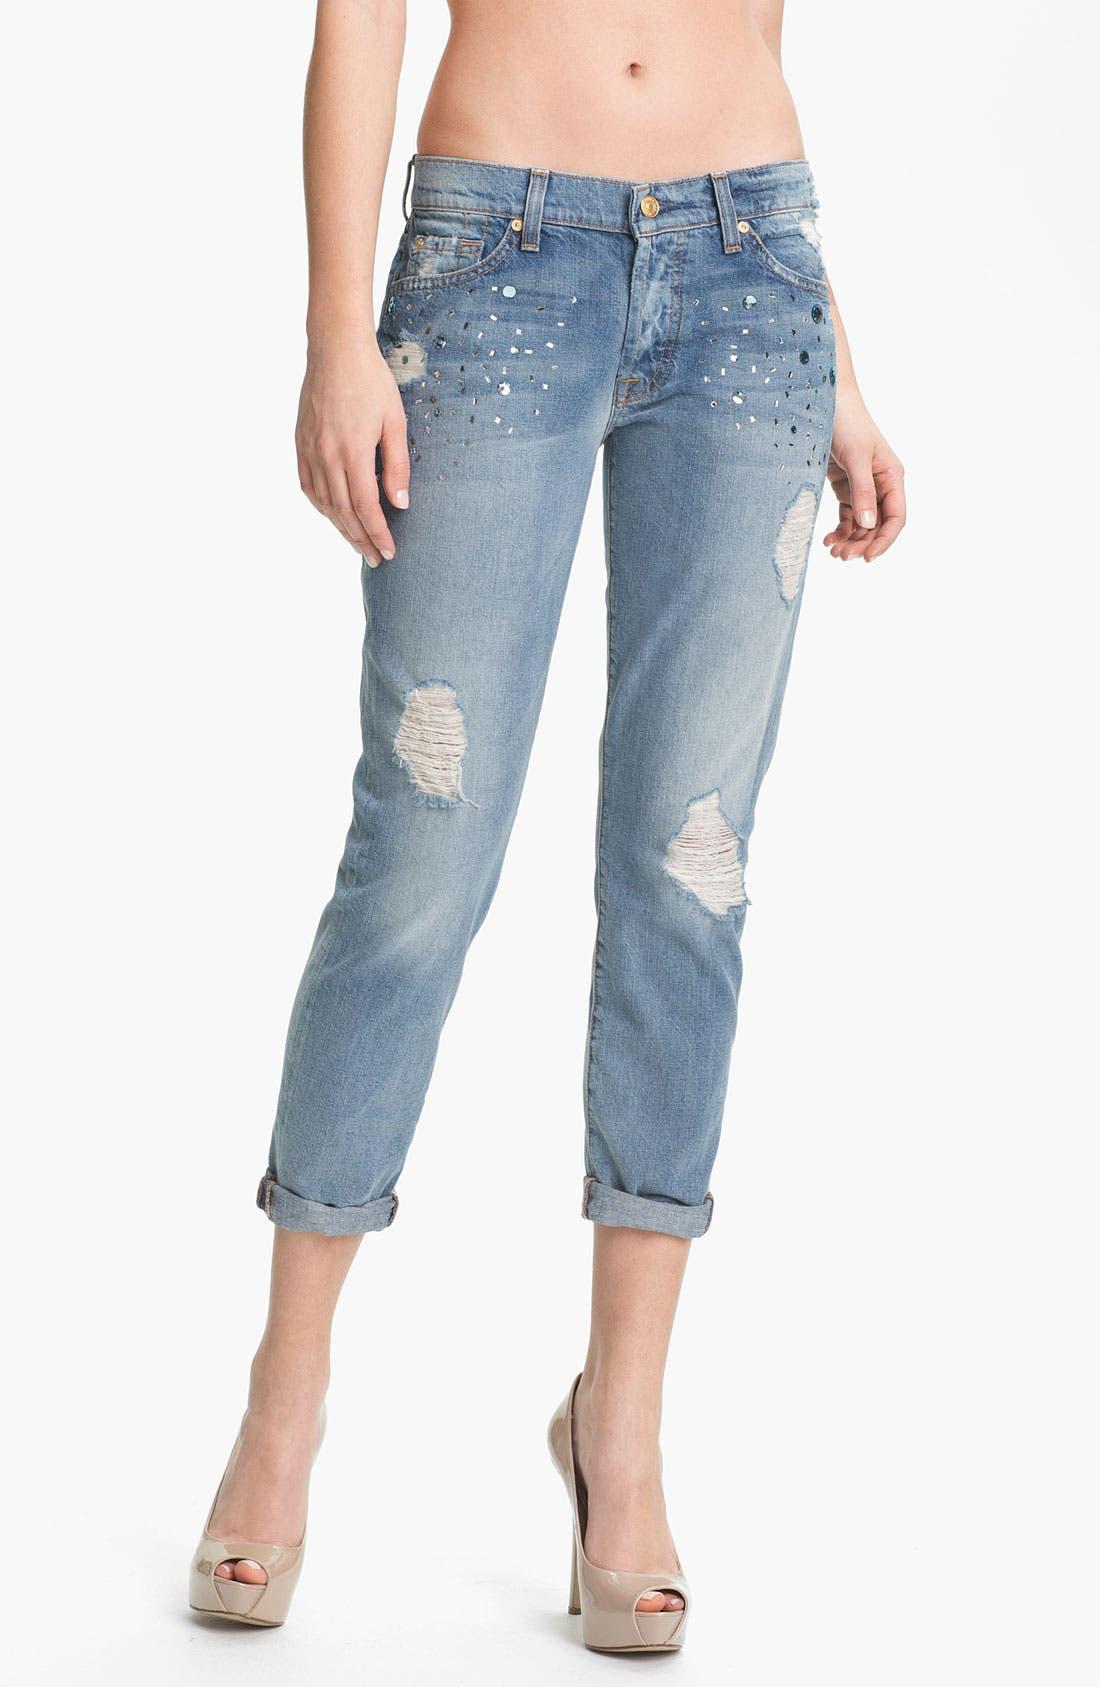 Alternate Image 1 Selected - 7 For All Mankind® 'Josefina' Embellished Destroyed Jeans (Light Destroyed)